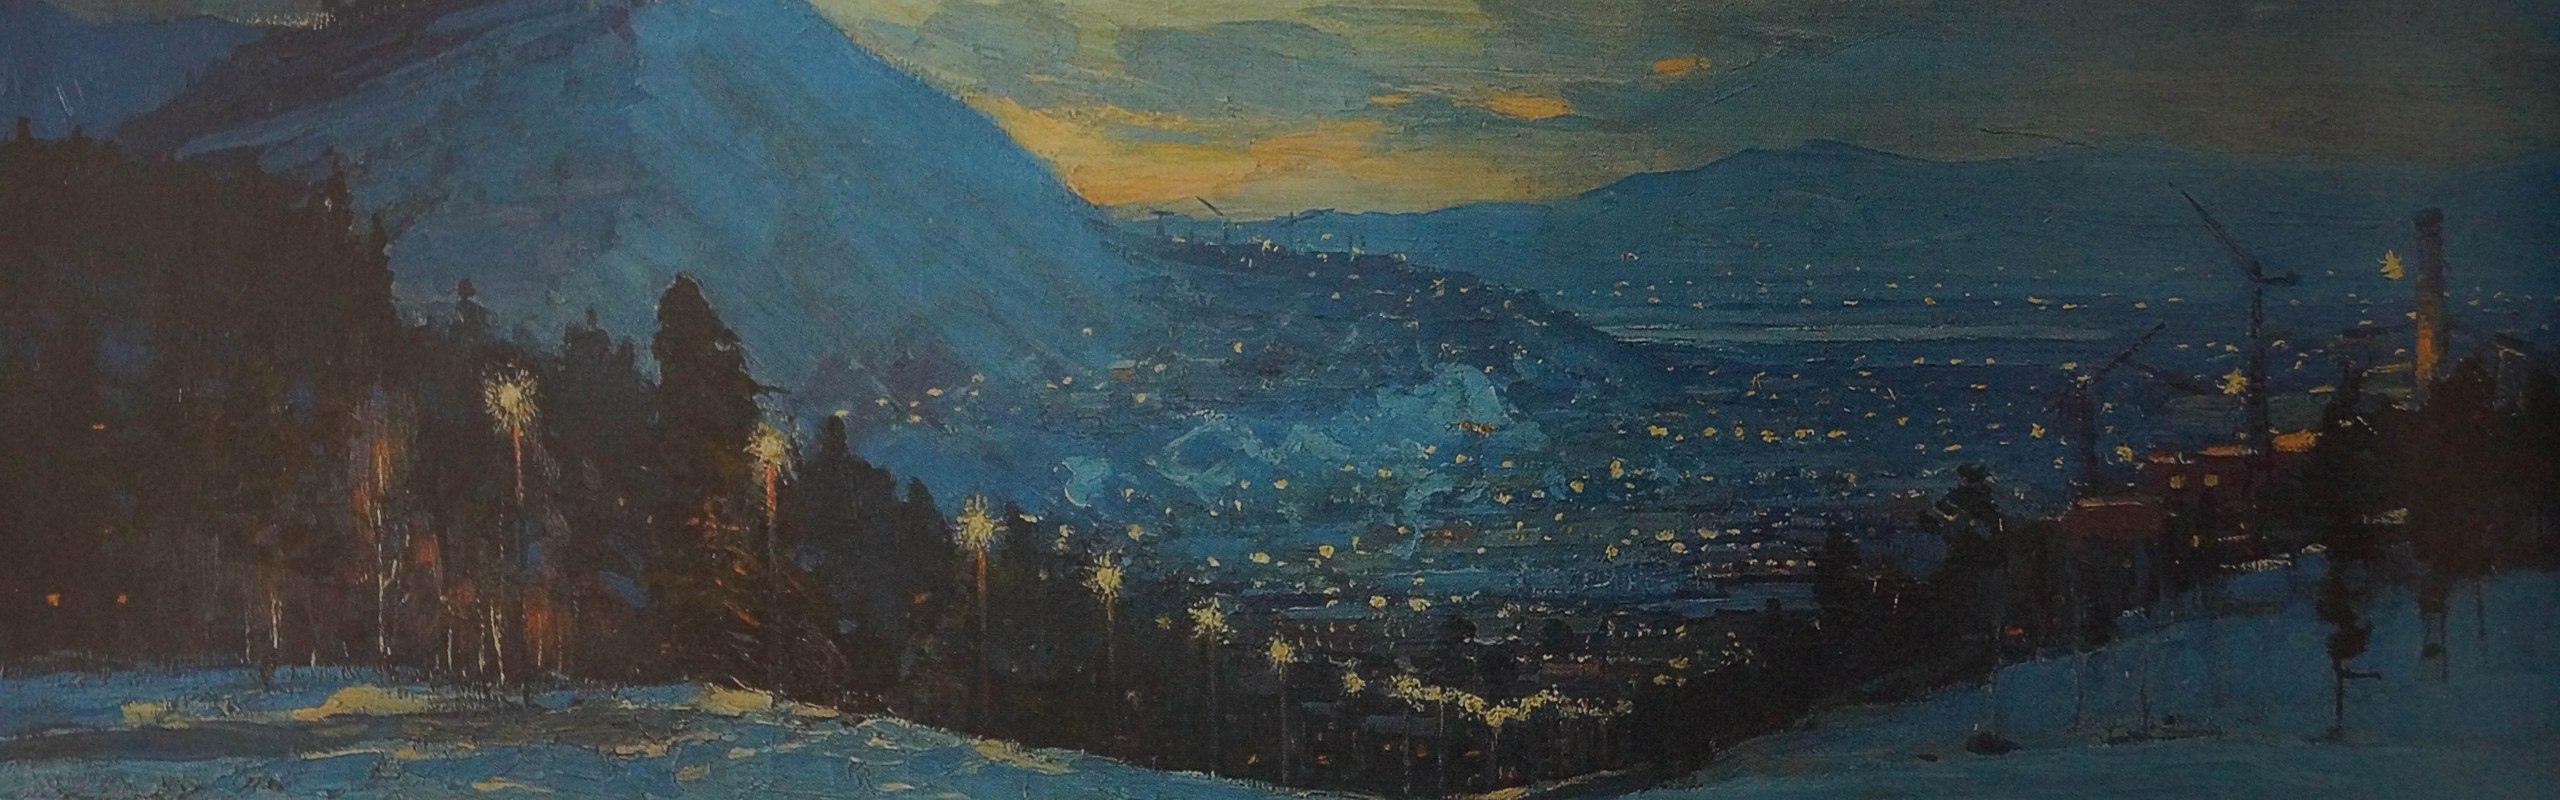 Иван Блохин - Вечерняя Чита, 1962